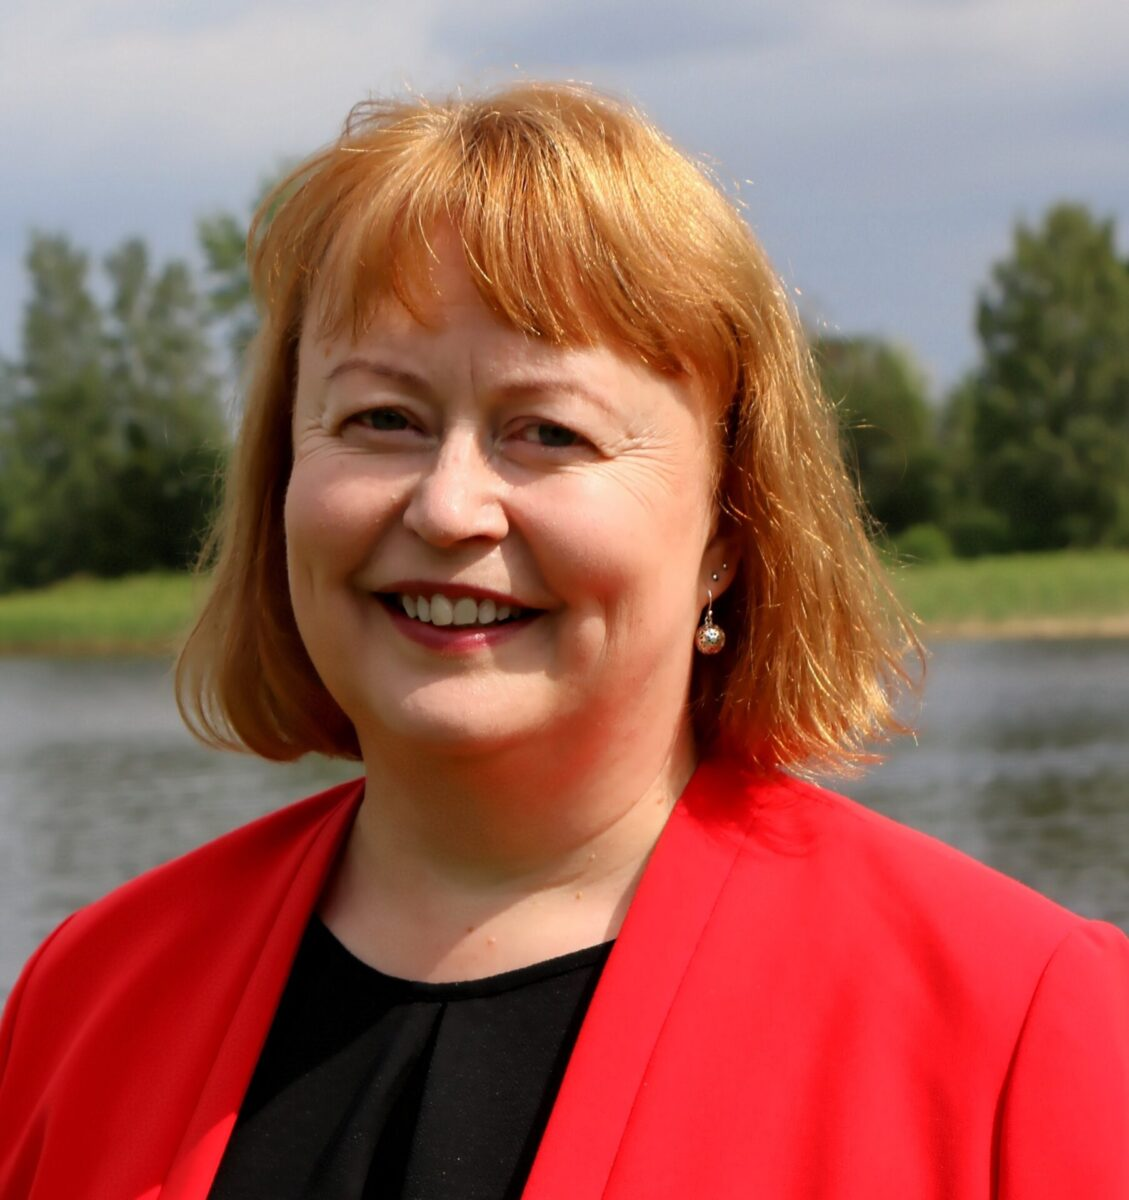 Virpi Laukkanen face photo